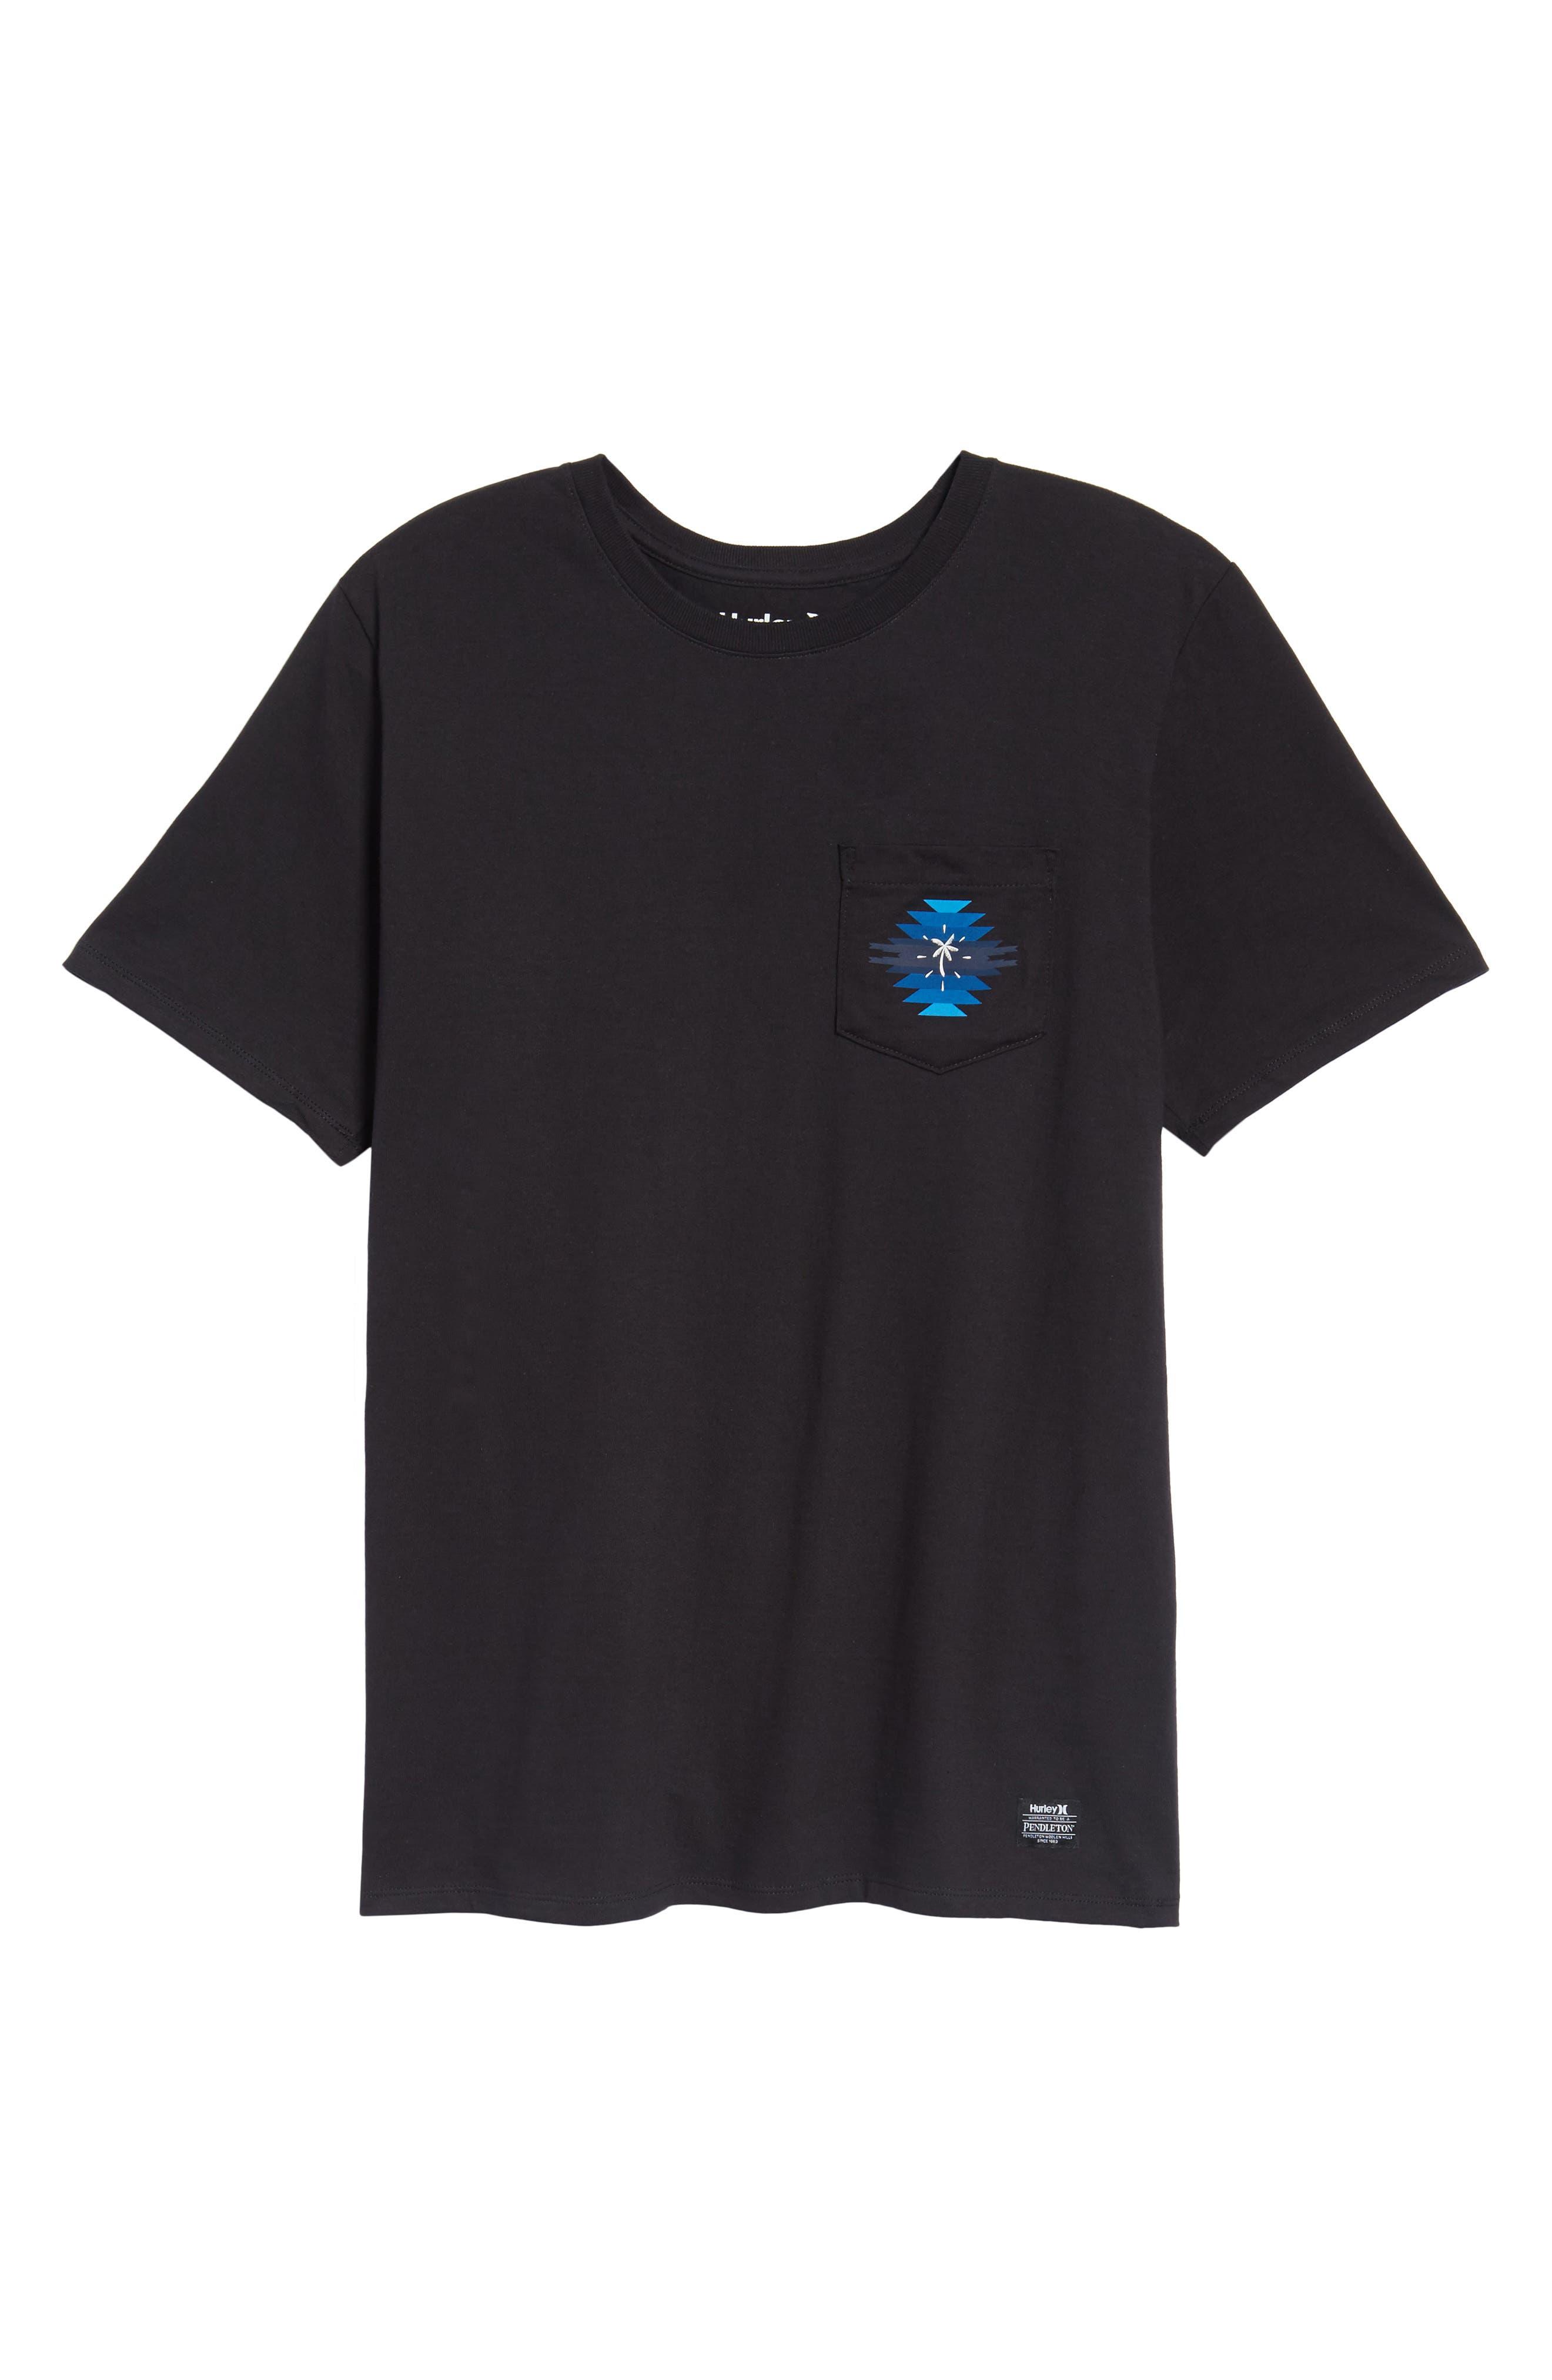 x Pendleton Pocket T-Shirt,                             Alternate thumbnail 6, color,                             010